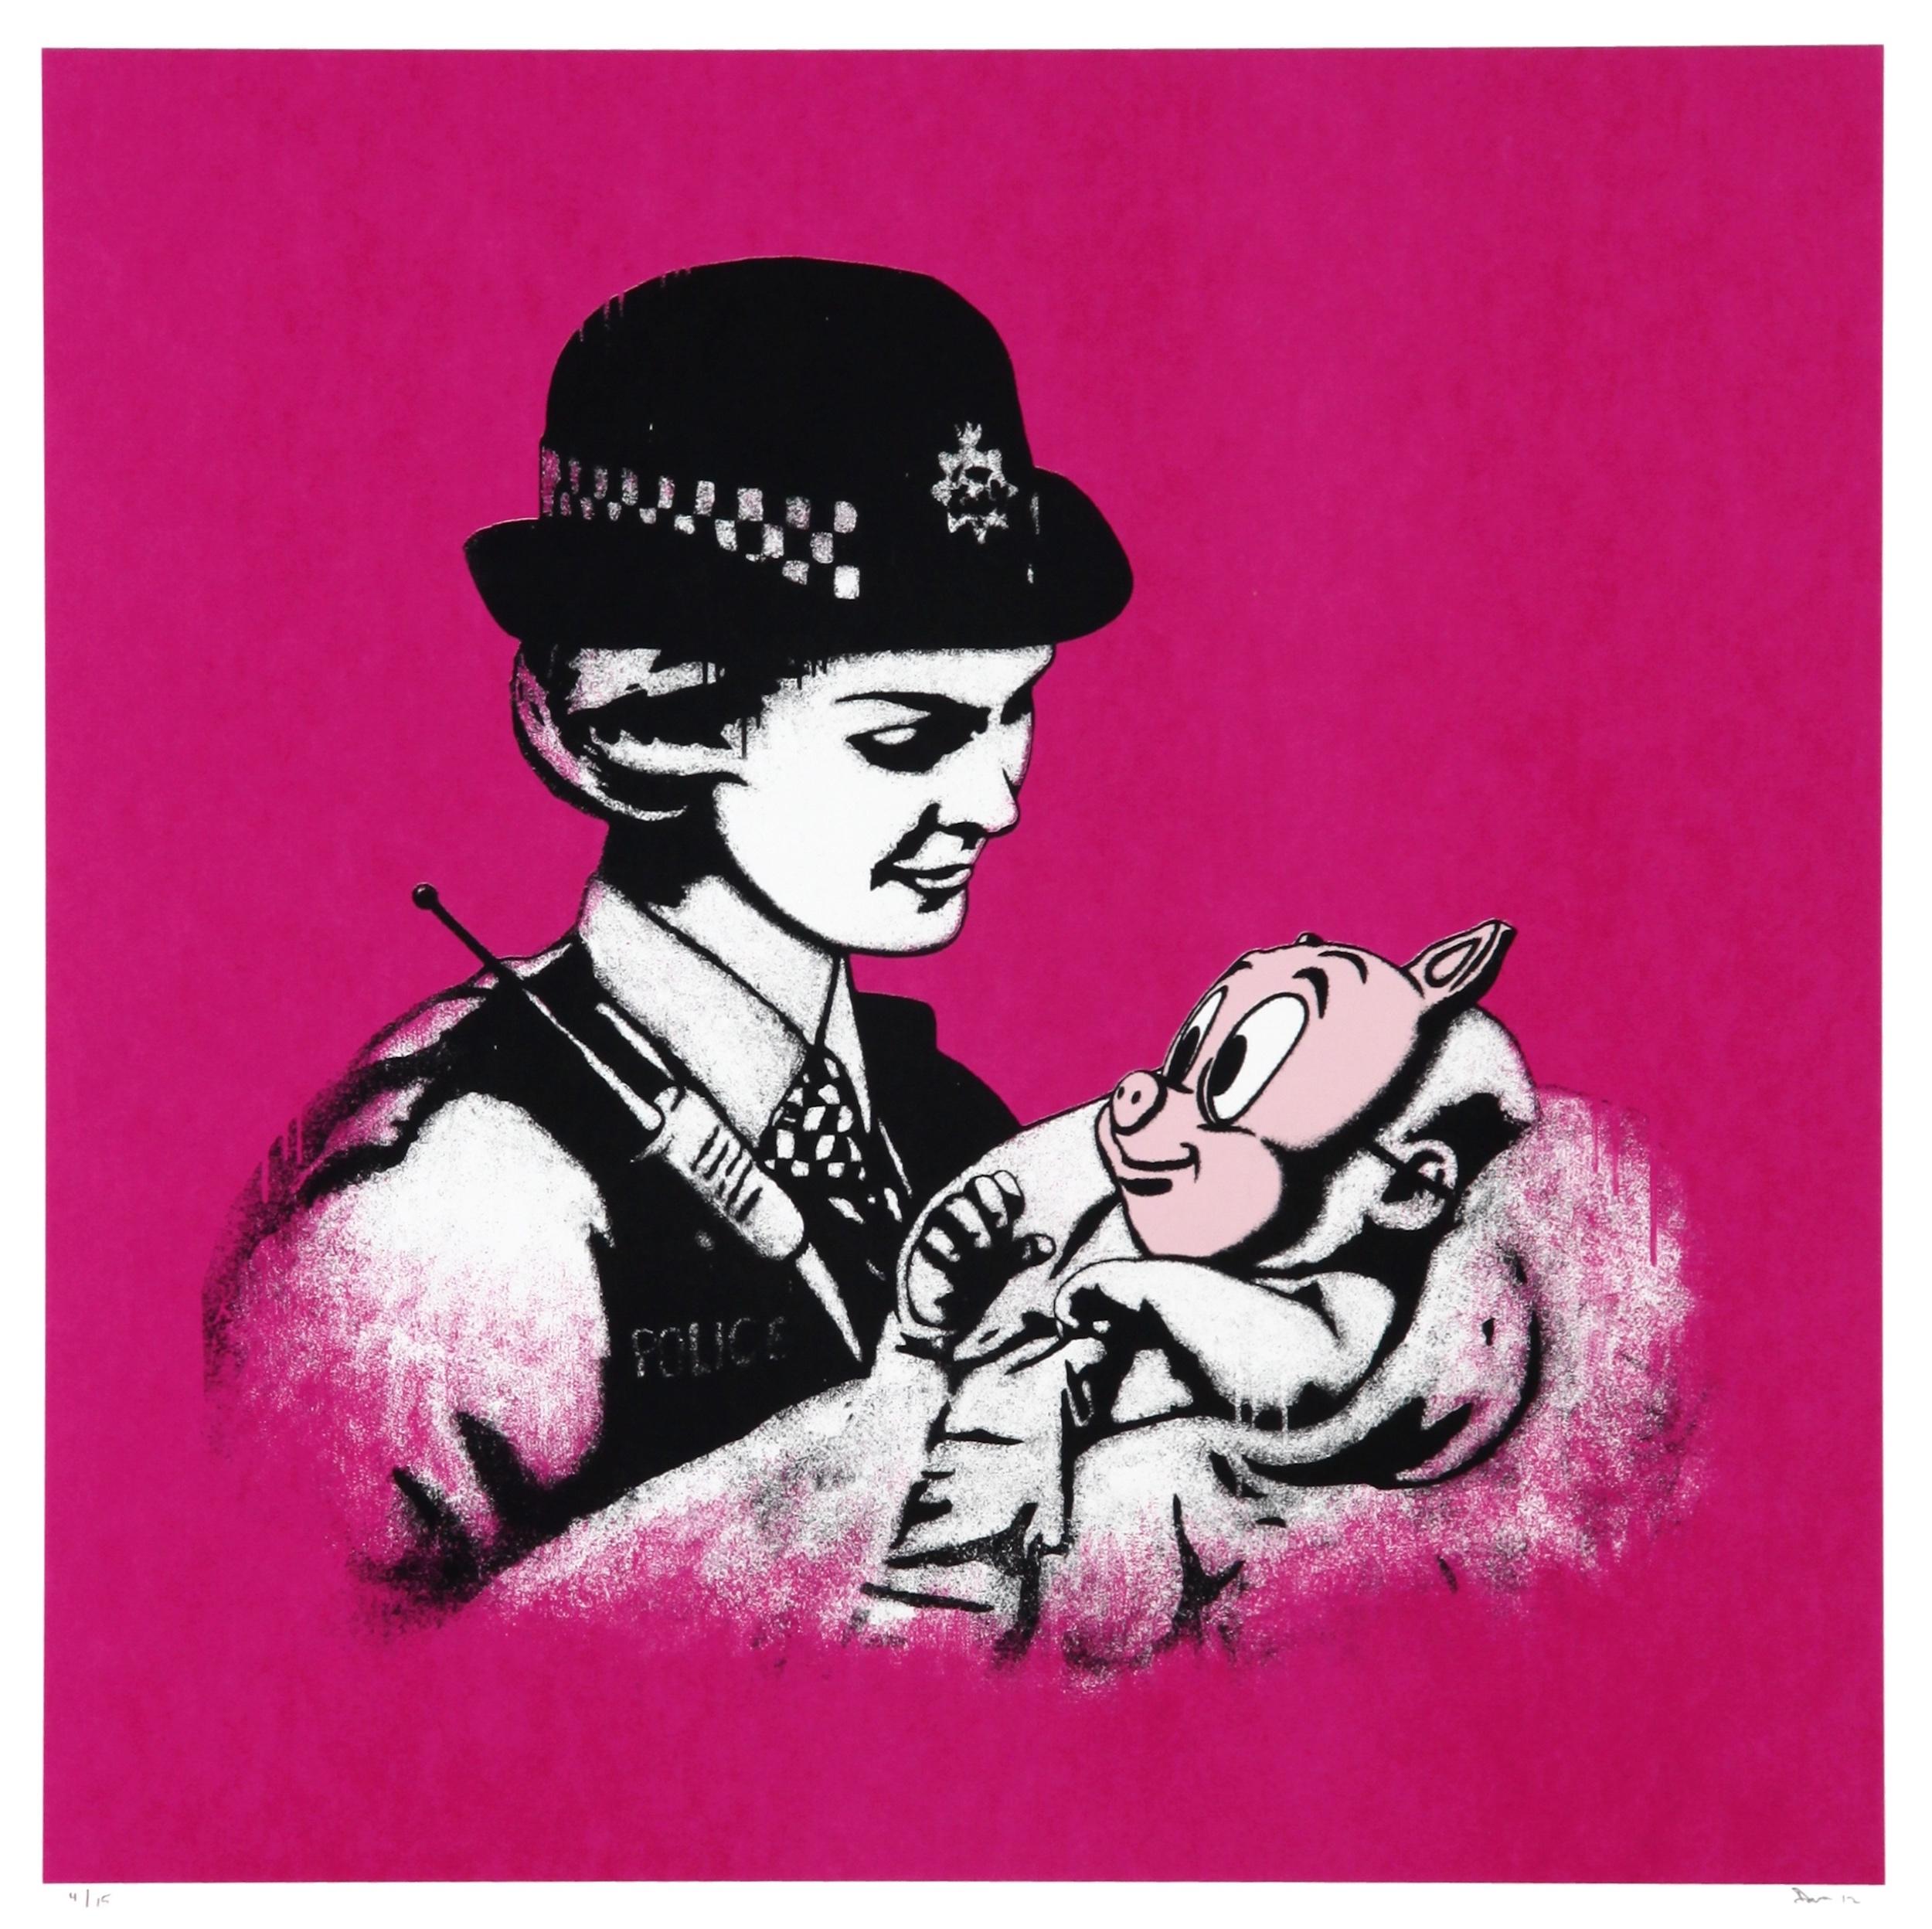 DOLK - Pig Mask (Pink).jpg